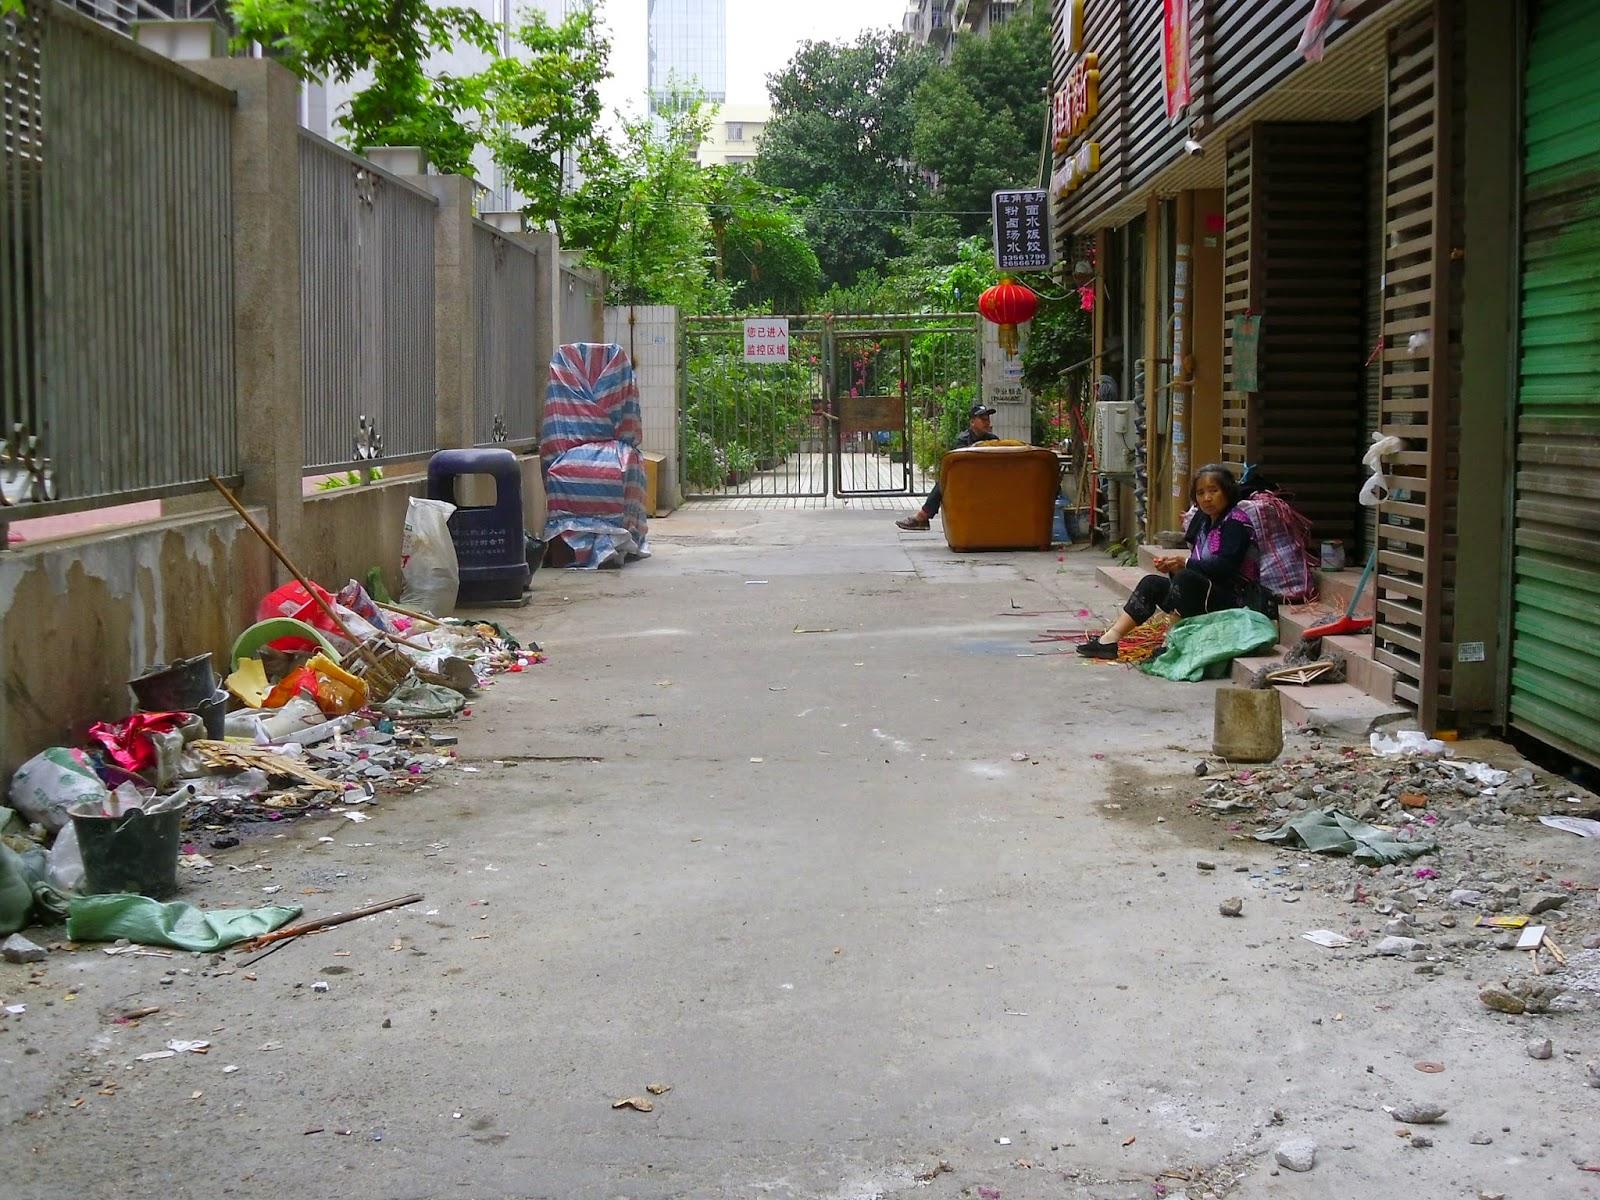 Sujeira nas ruas da China